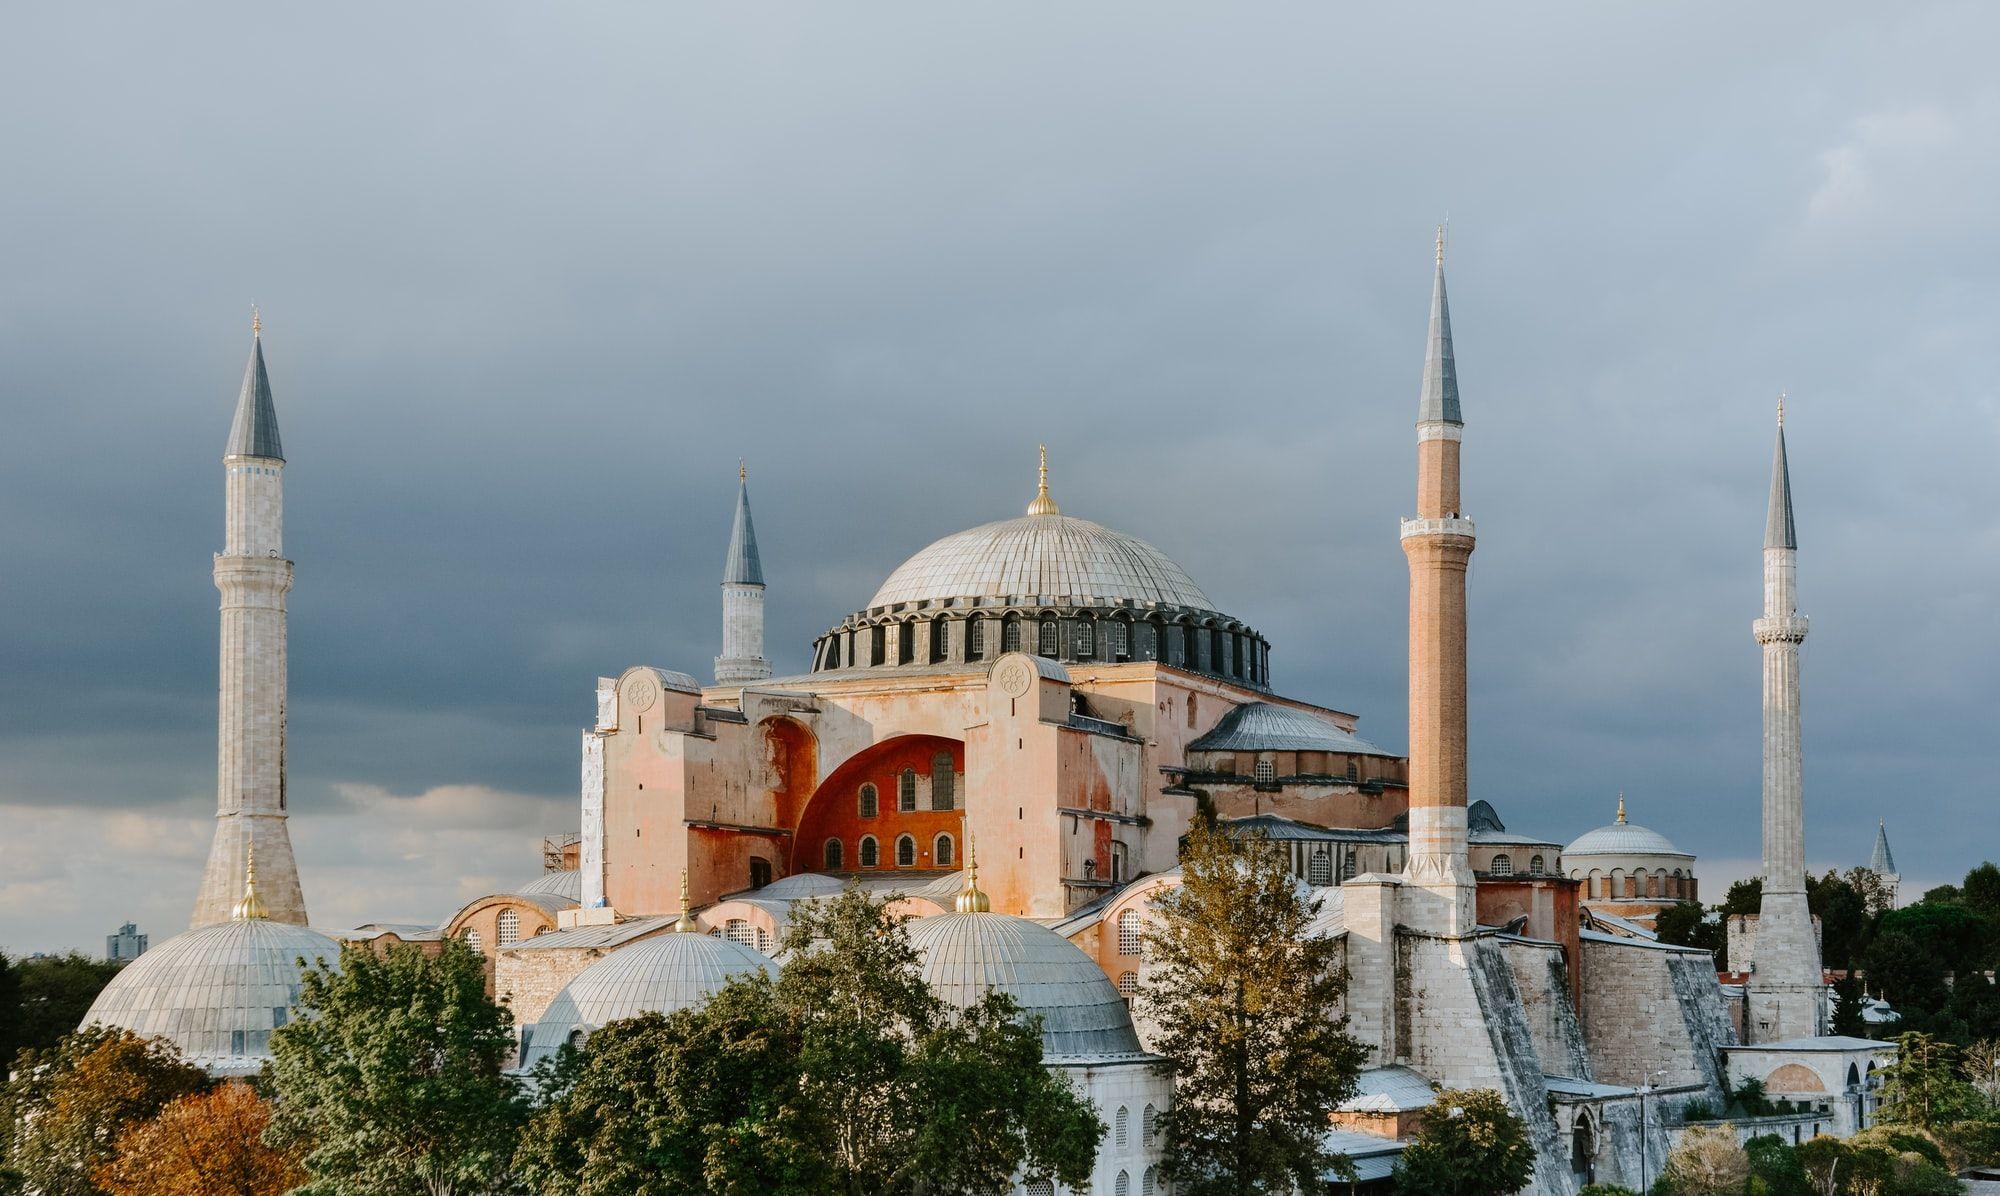 Der Hagia Sophia